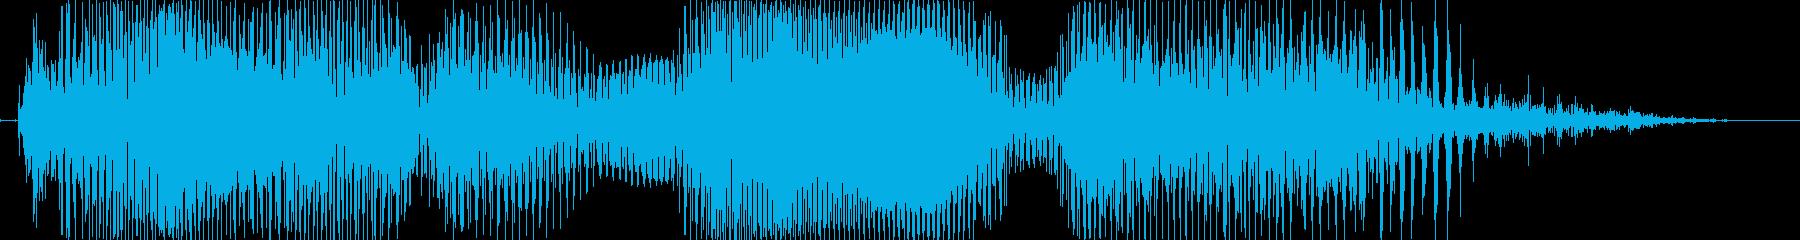 トルネード!の再生済みの波形